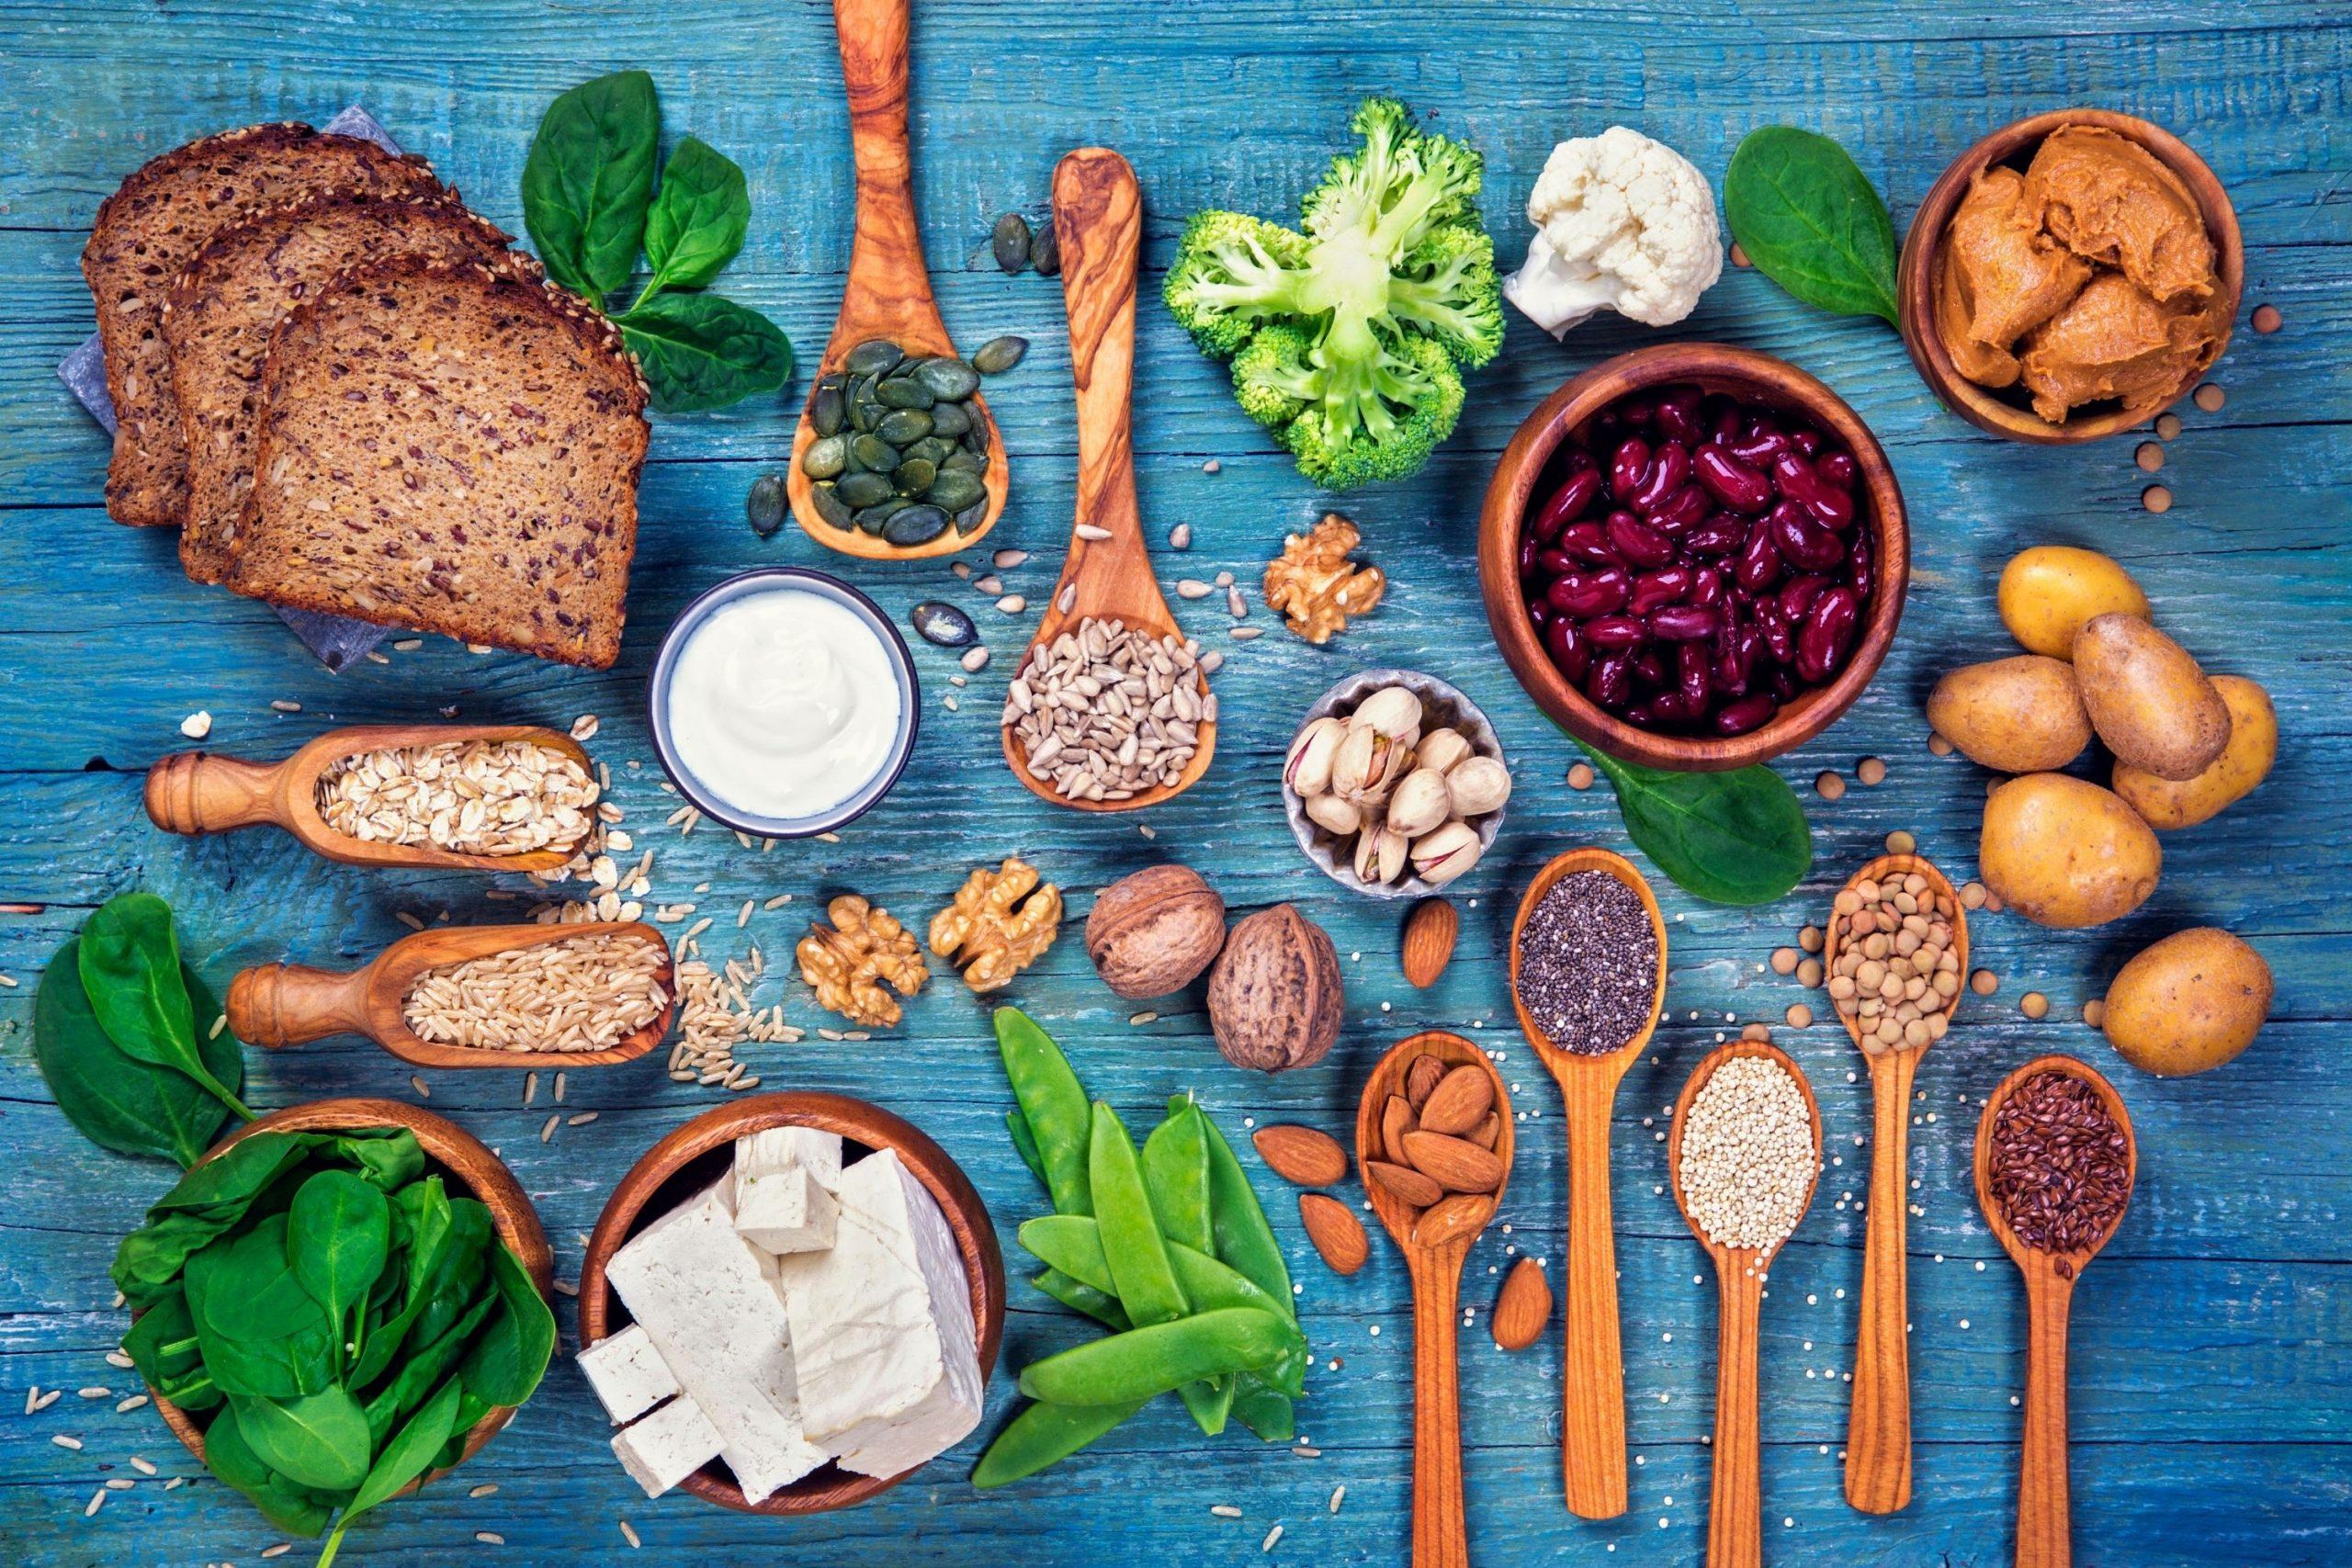 Wichtige Nährstoffe bei der veganen ernährung-2